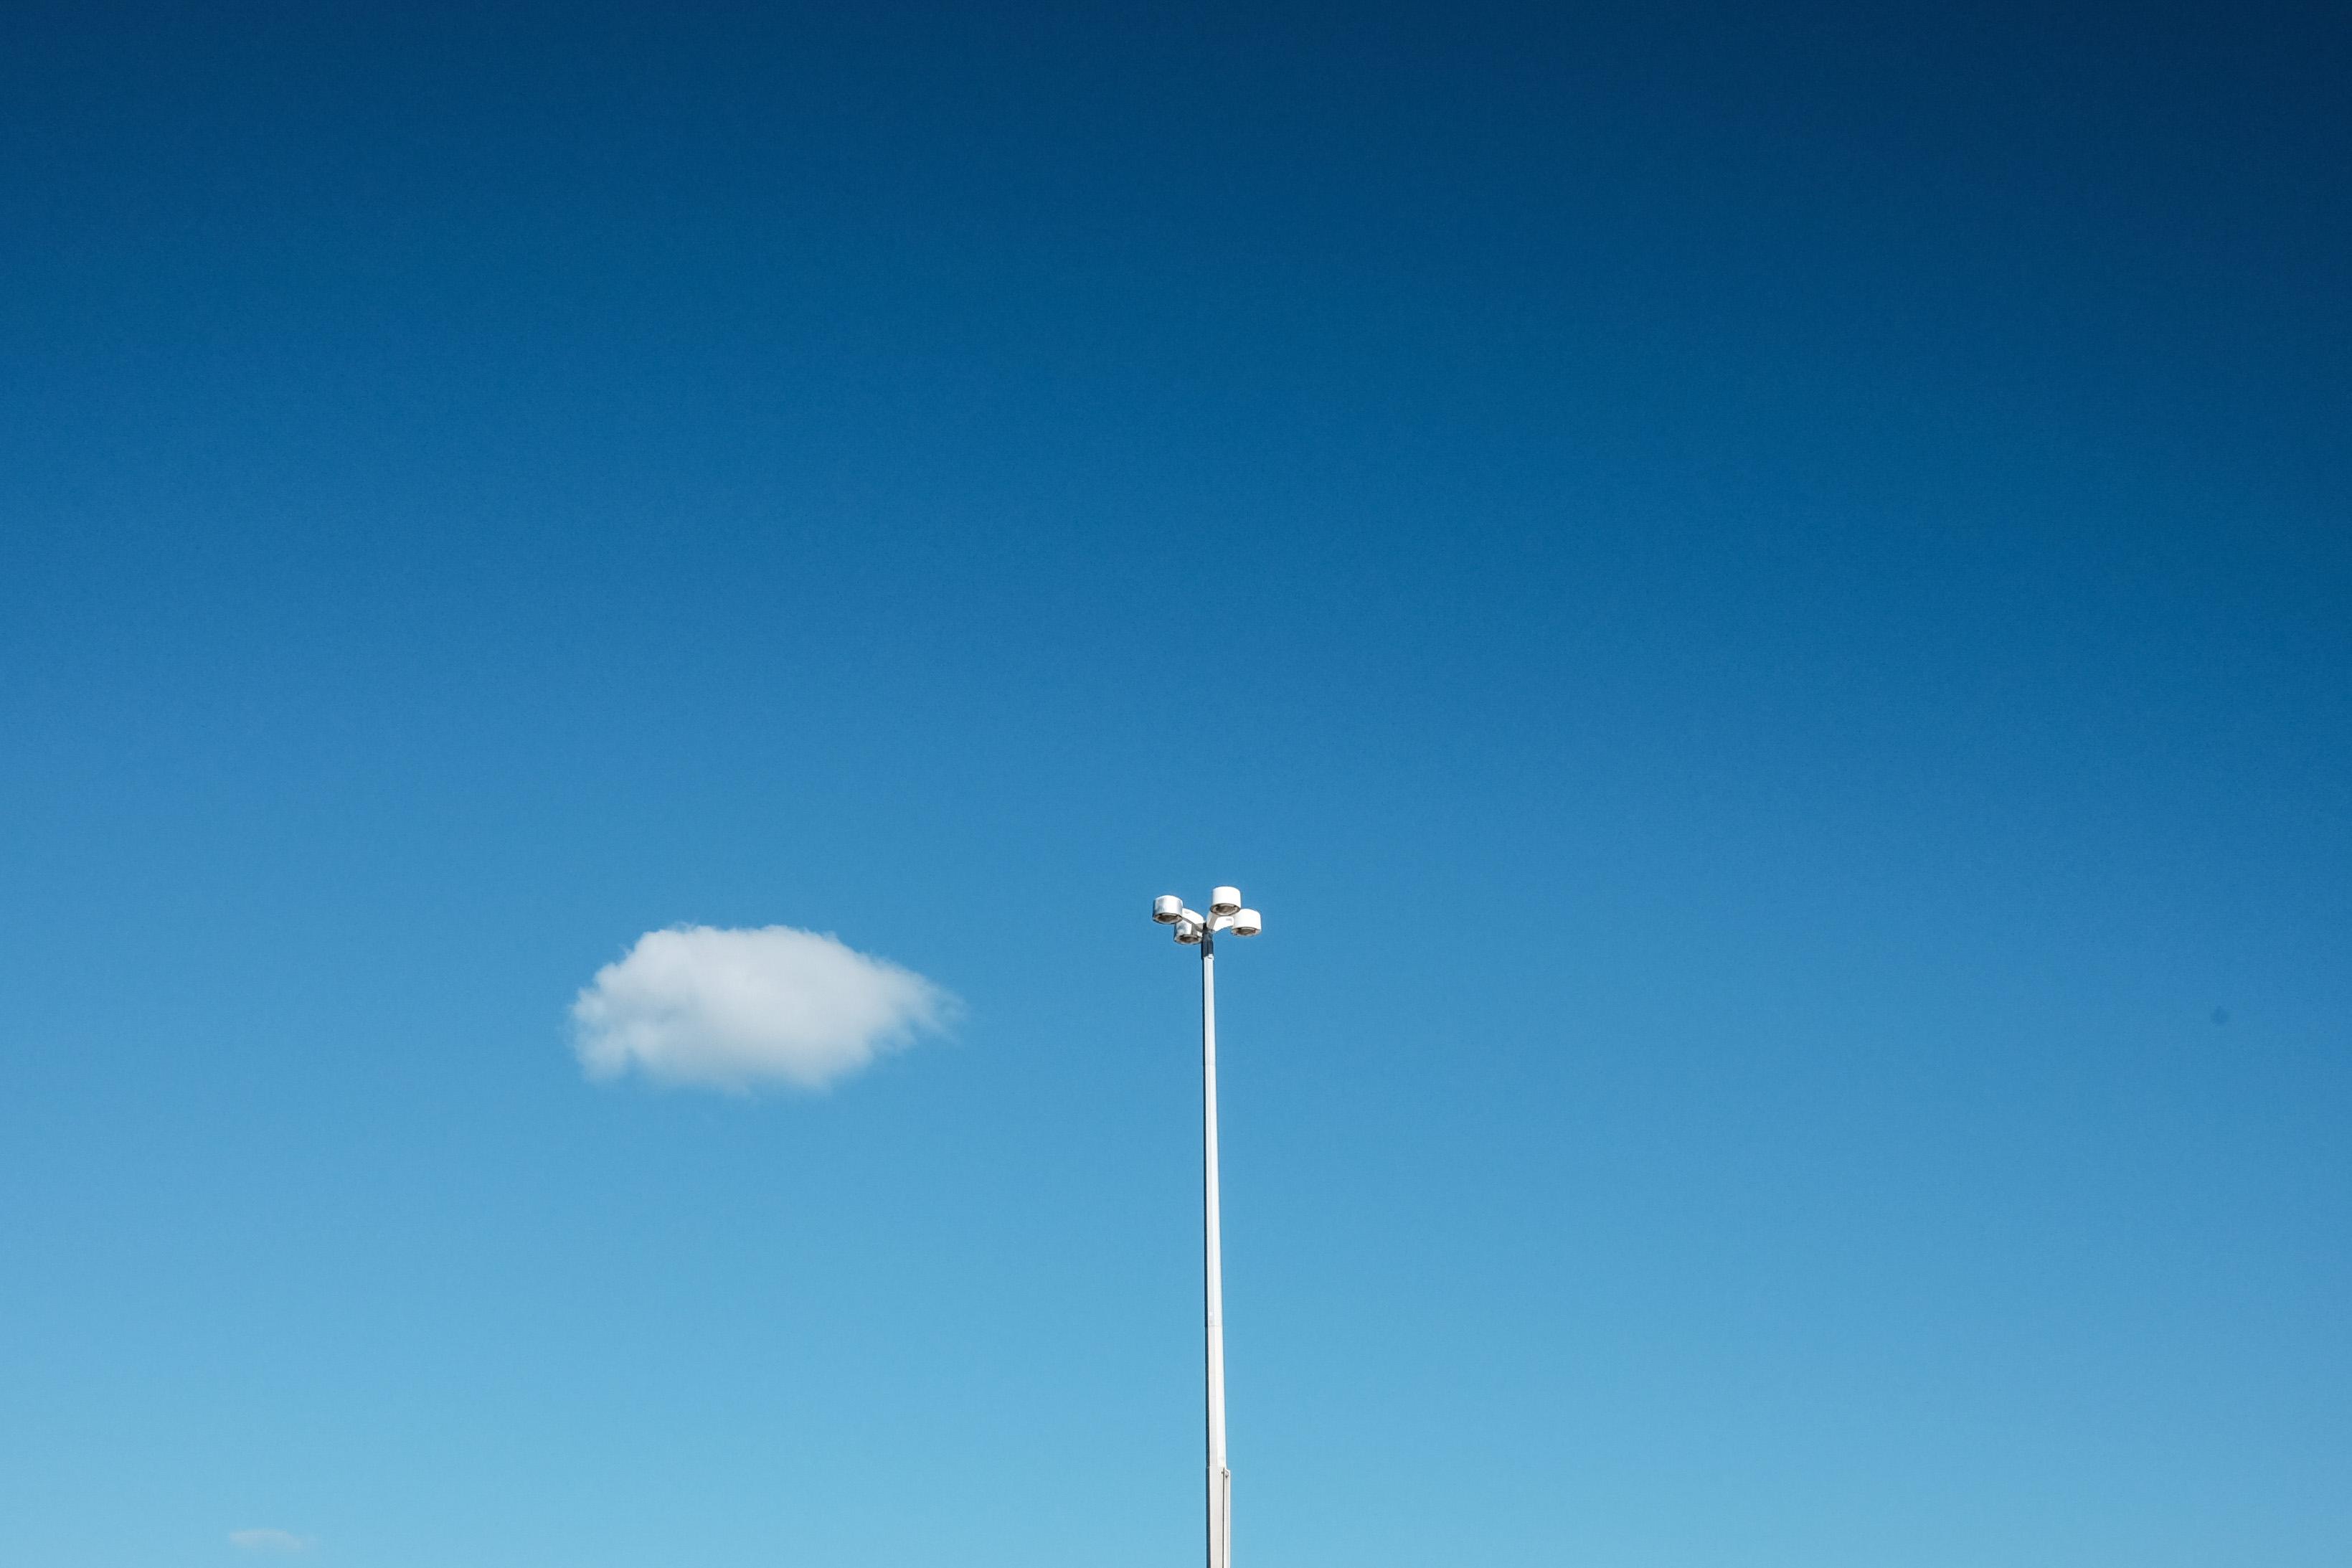 Sky is blue